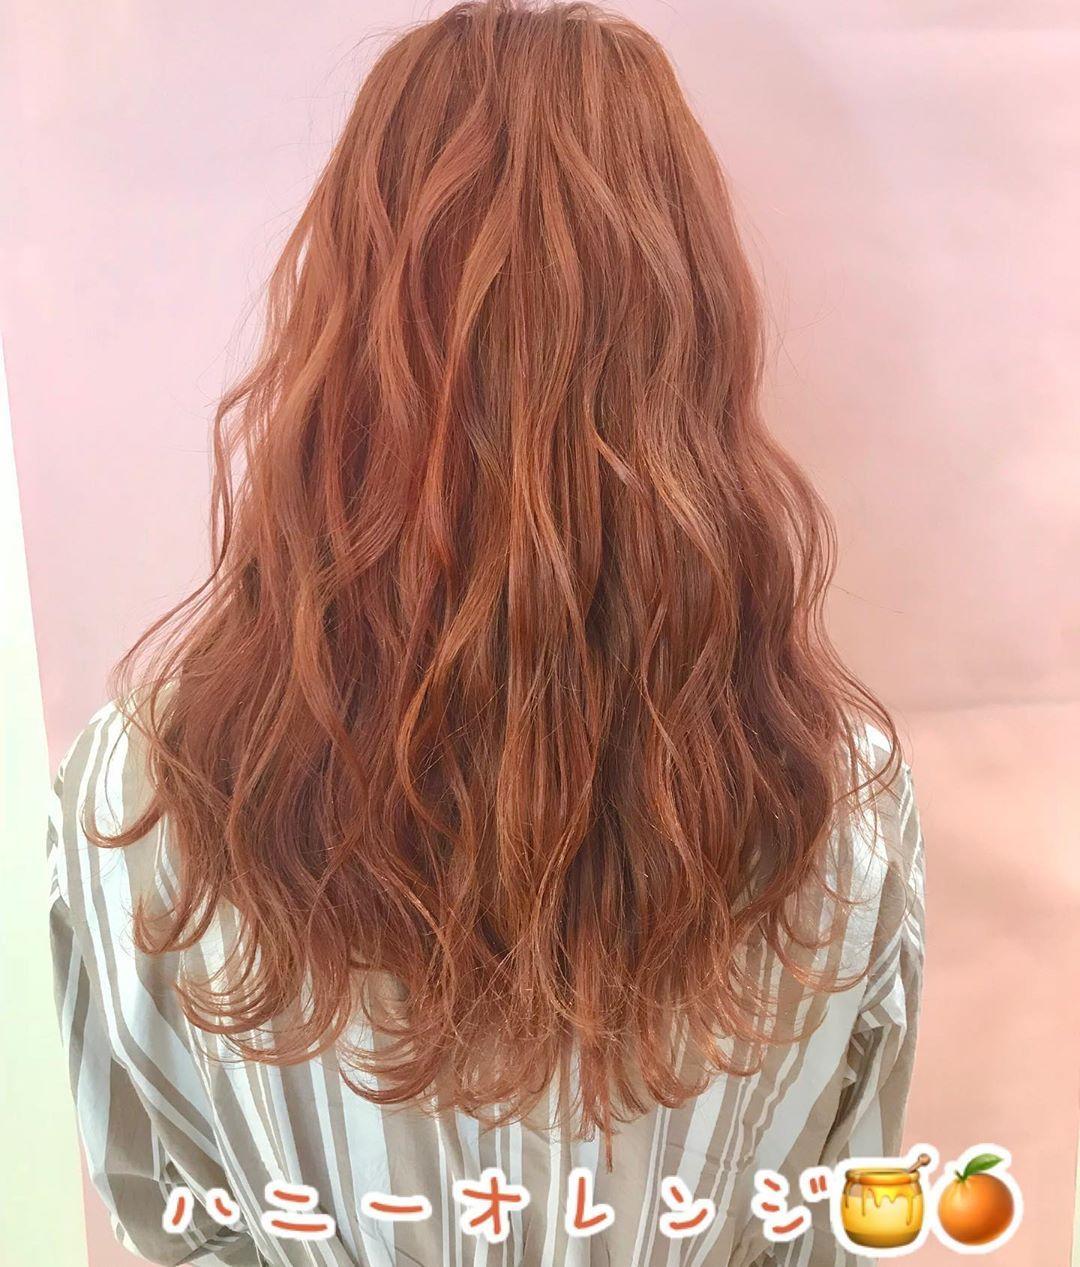 ハニーオレンジ 大人気のハニーオレンジは深みのある上品でオシャレなオススメカラーです 夏休みやフェスなど Long Hair Girl Cool Hairstyles Long Hair Styles